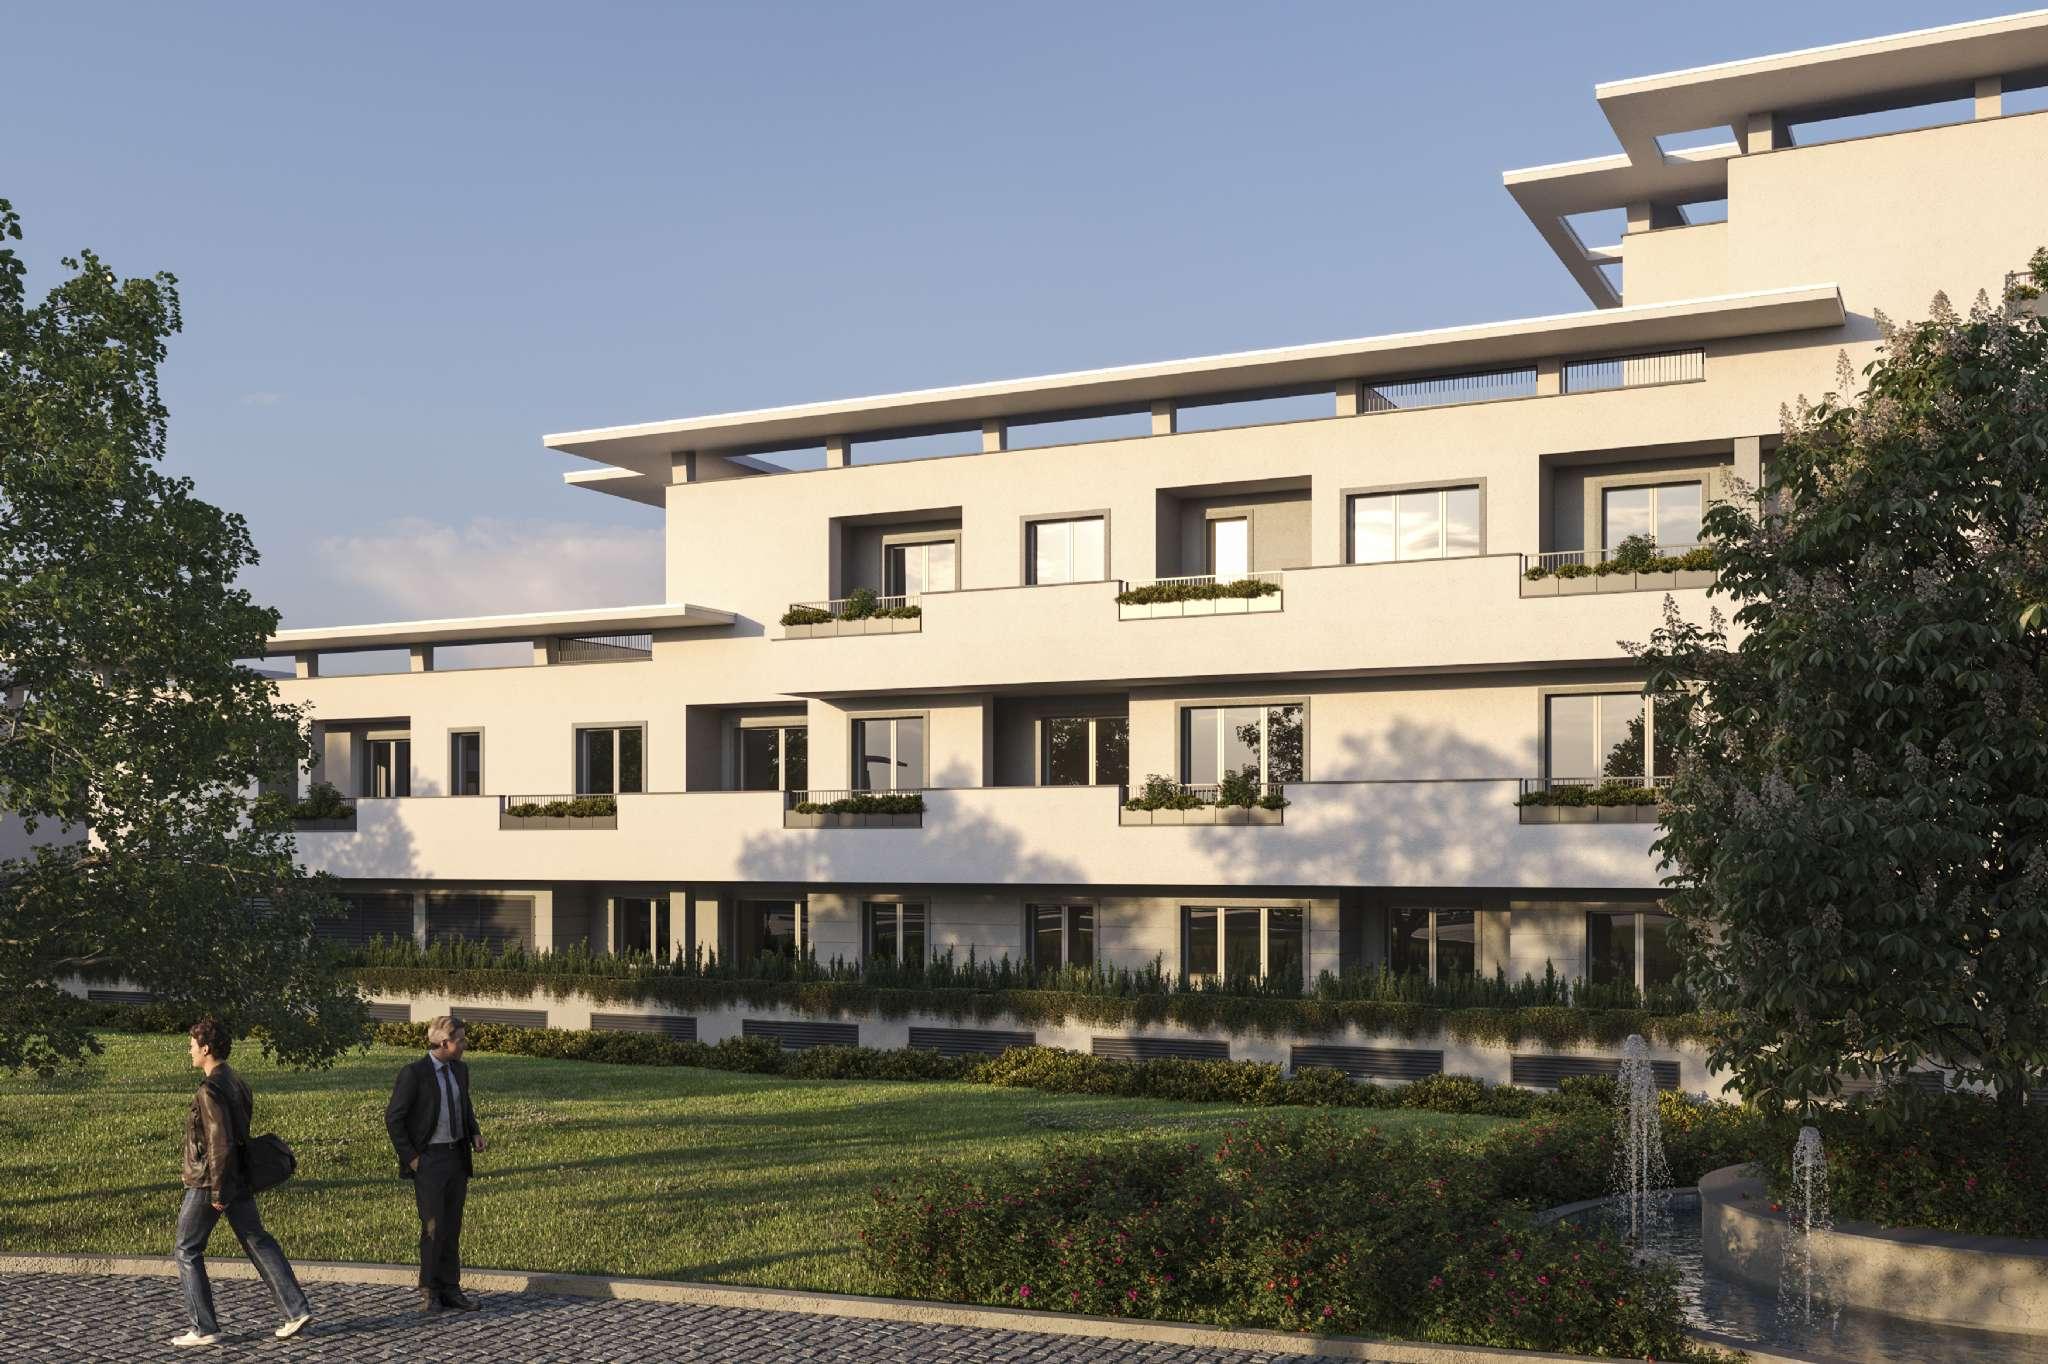 Appartamento in vendita a Somma Lombardo, 2 locali, prezzo € 138.750 | PortaleAgenzieImmobiliari.it